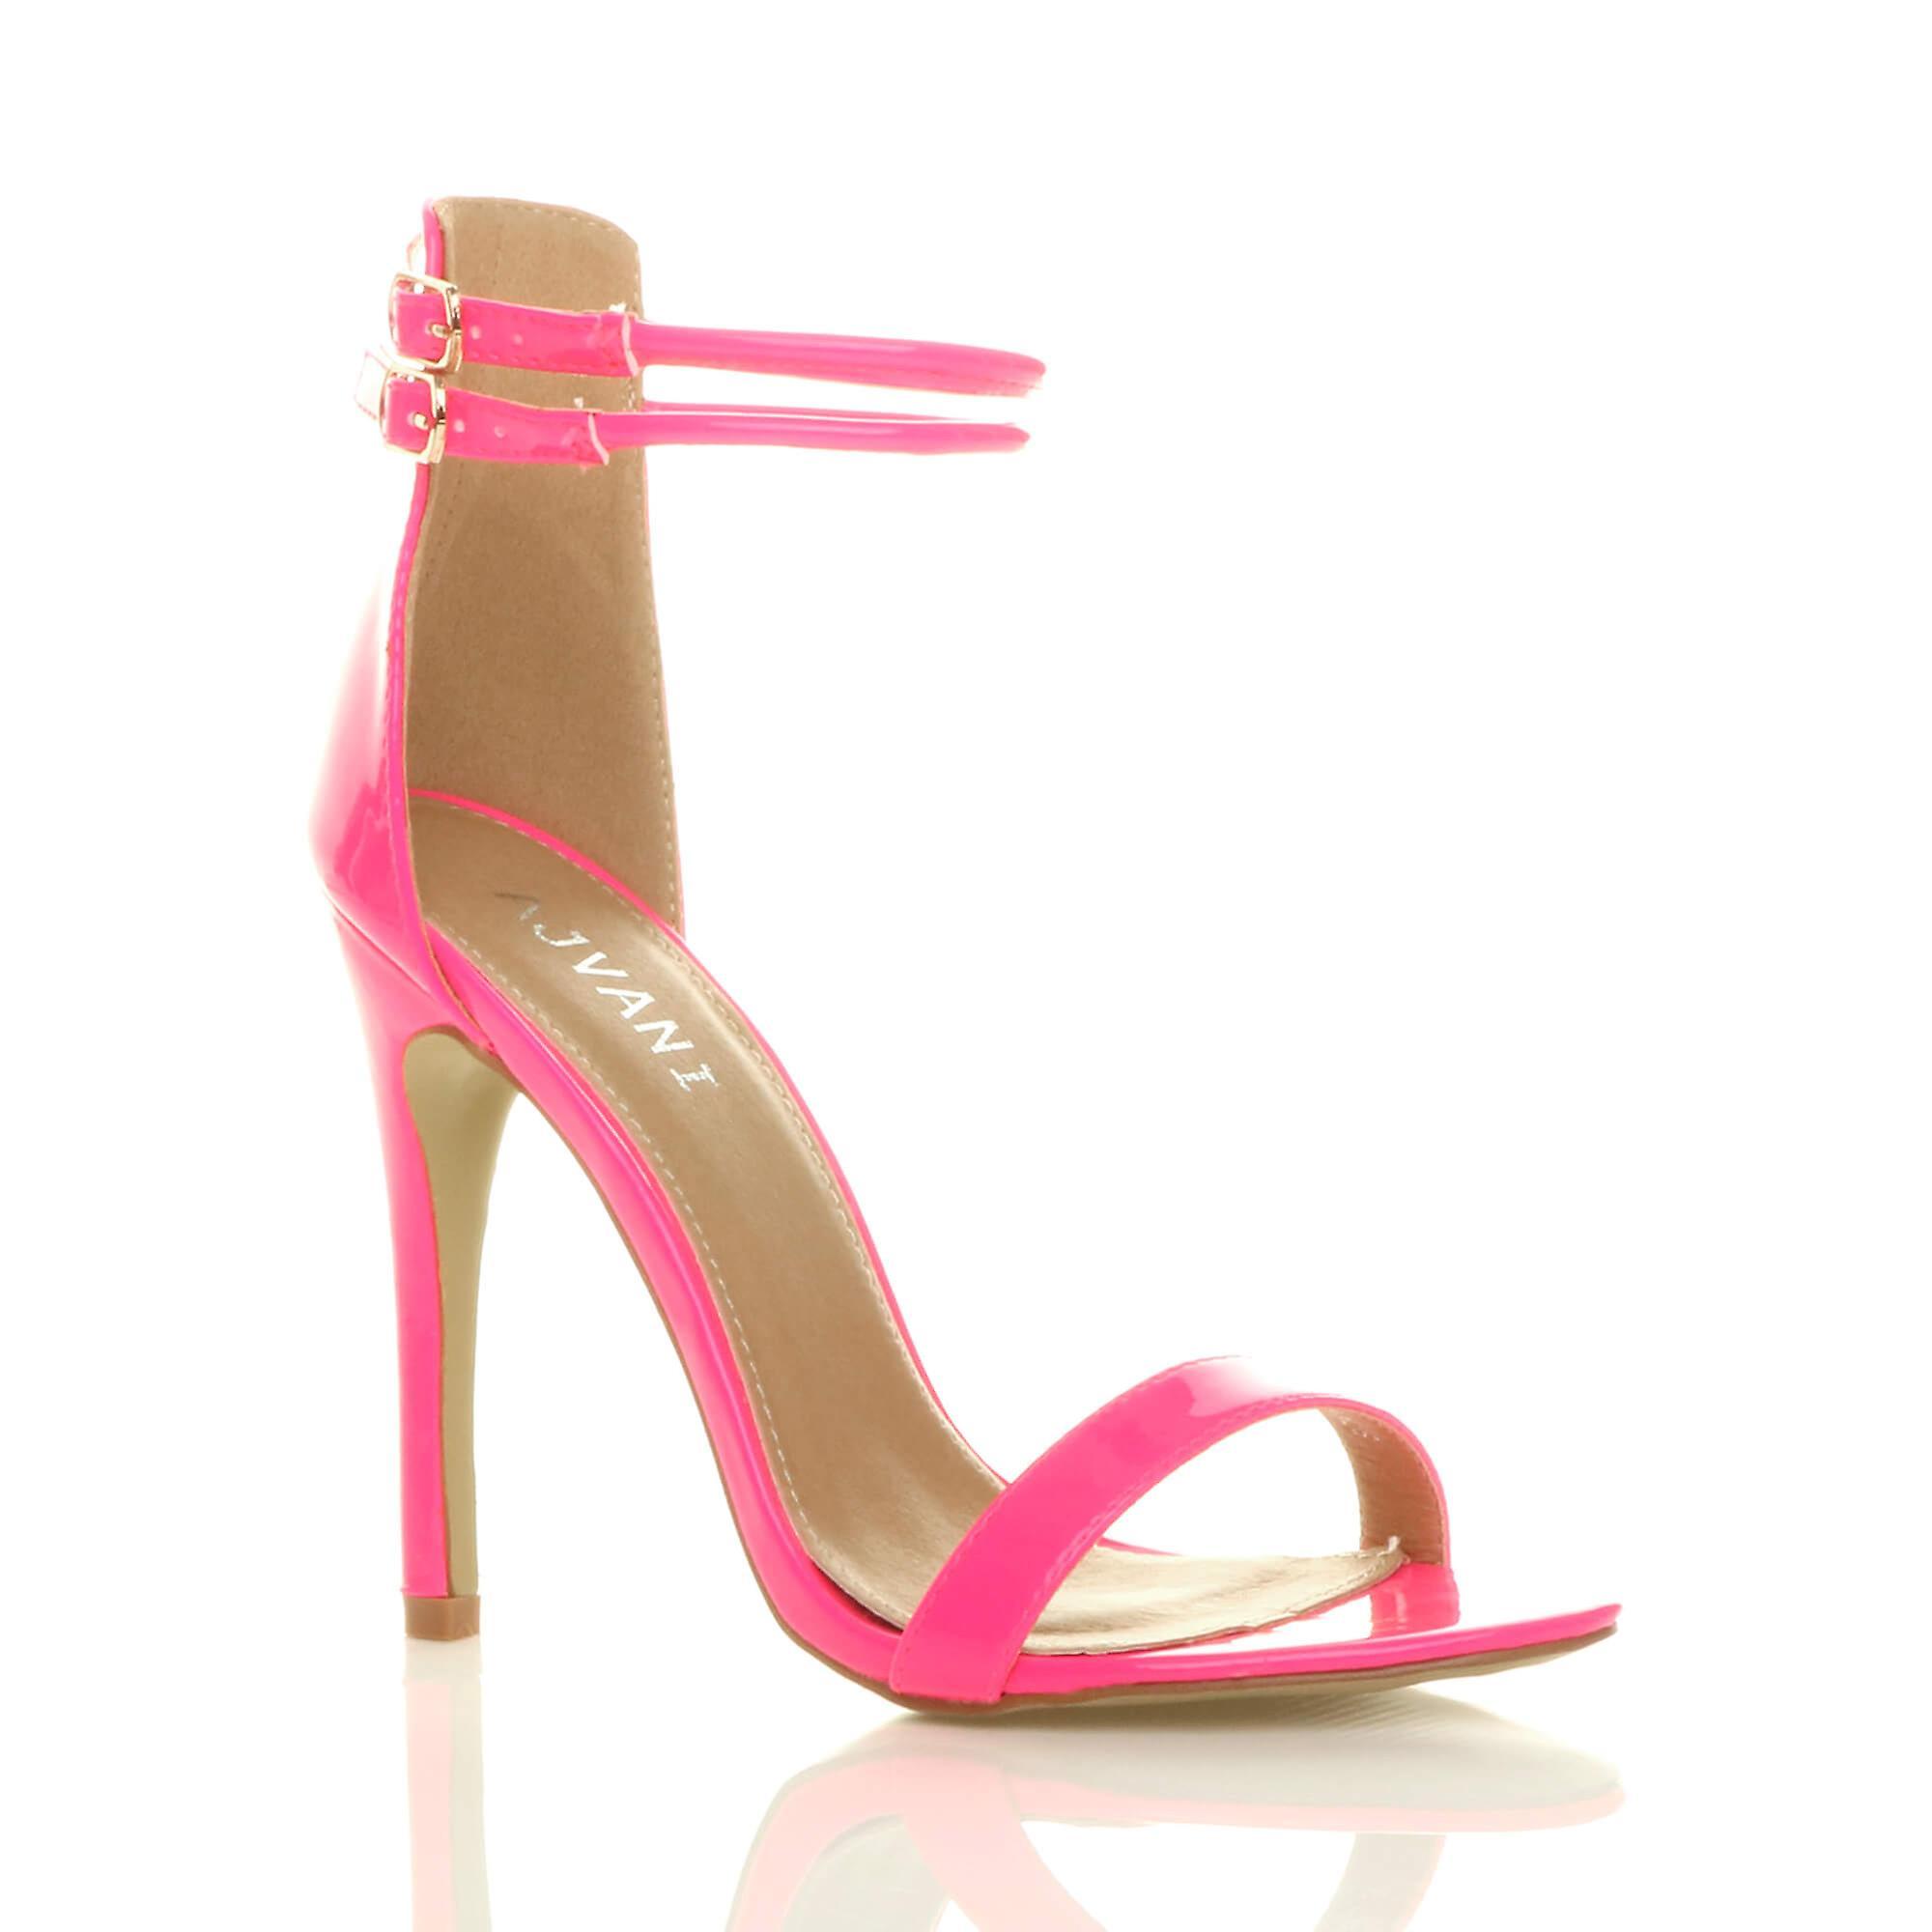 Ajvani damskie wysokie szpilki ledwo tam podwójny pasek klamra stroną sandały buty D4Izk